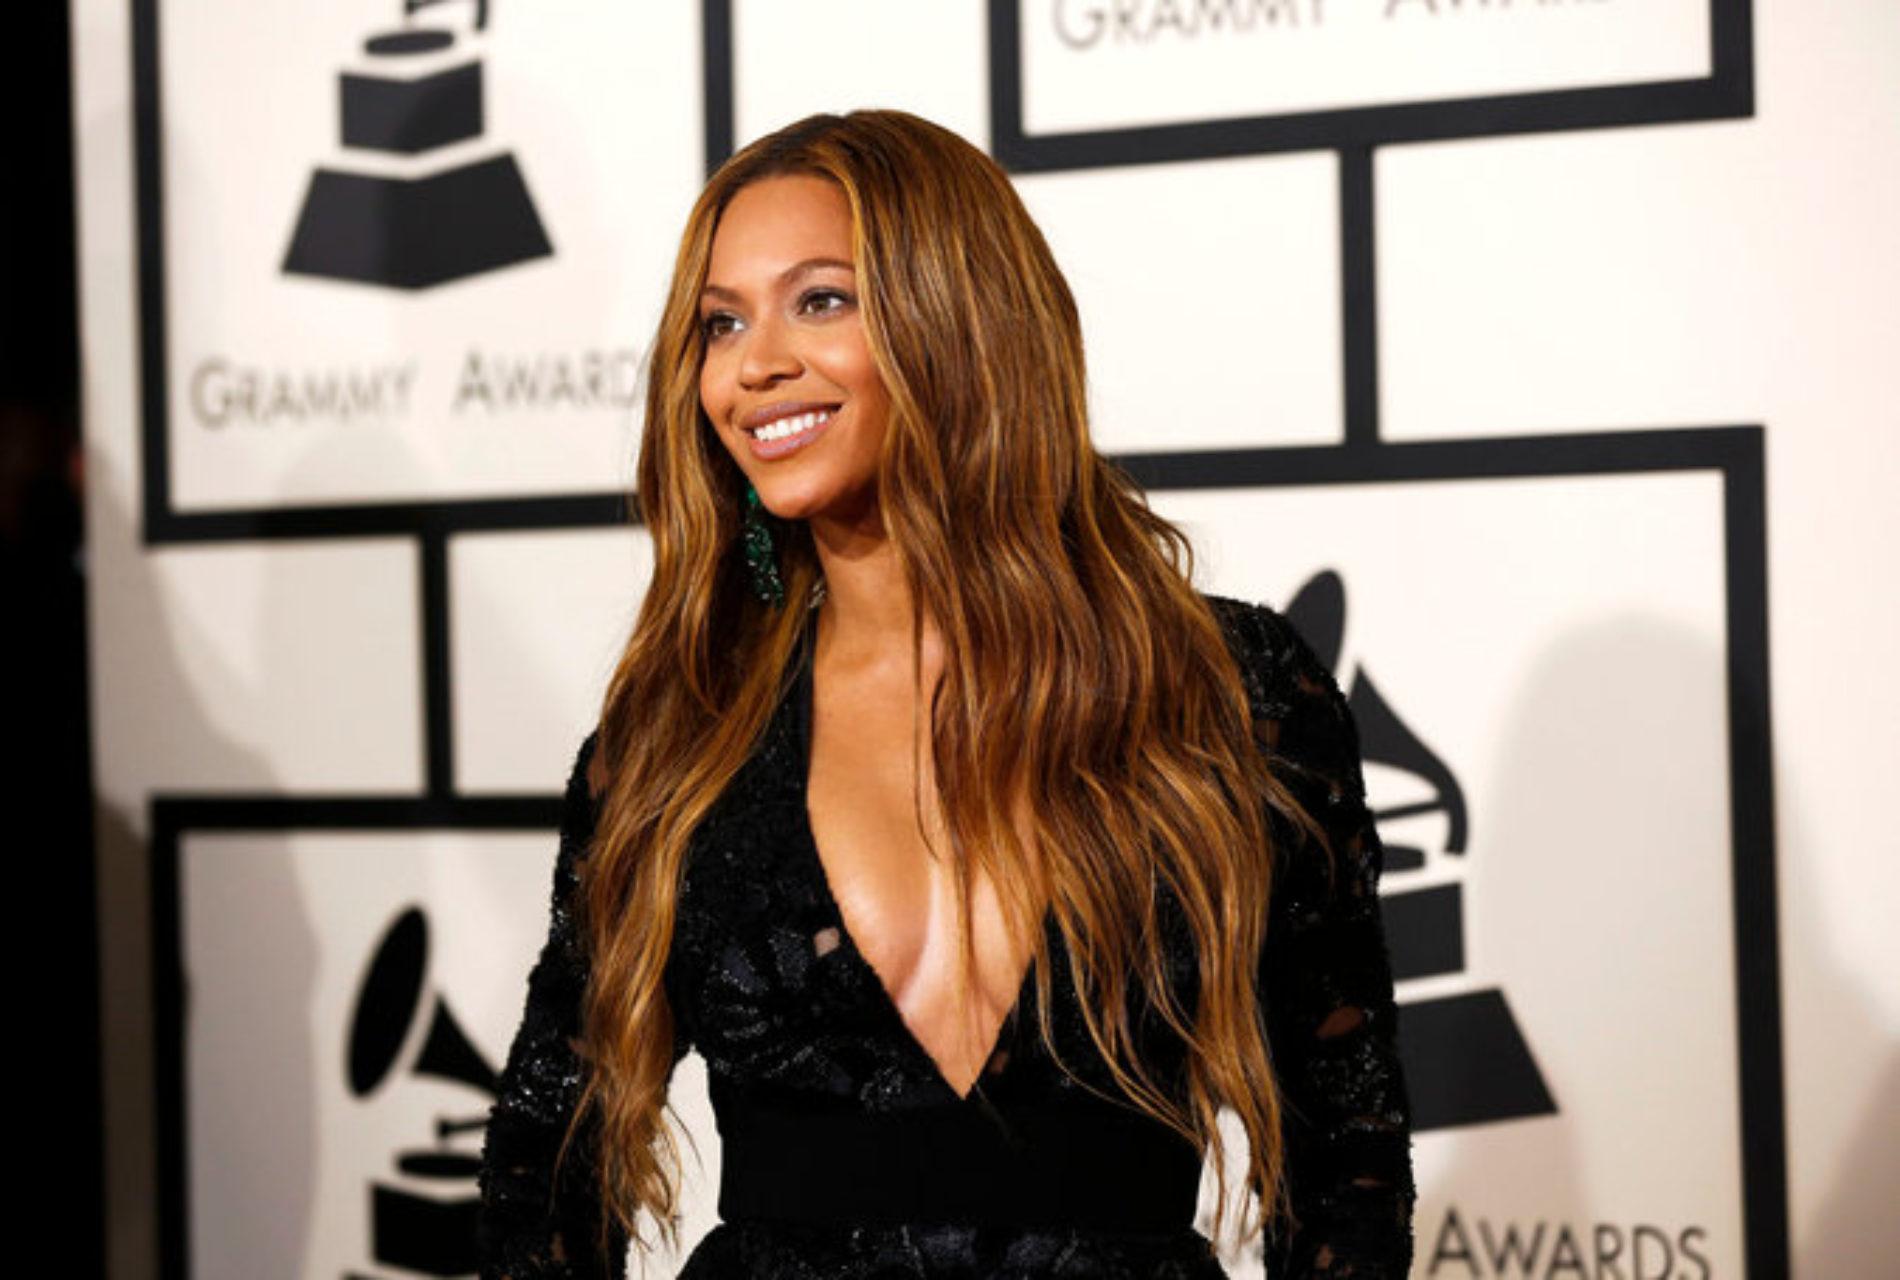 Beyoncé Announces That She is Pregnant